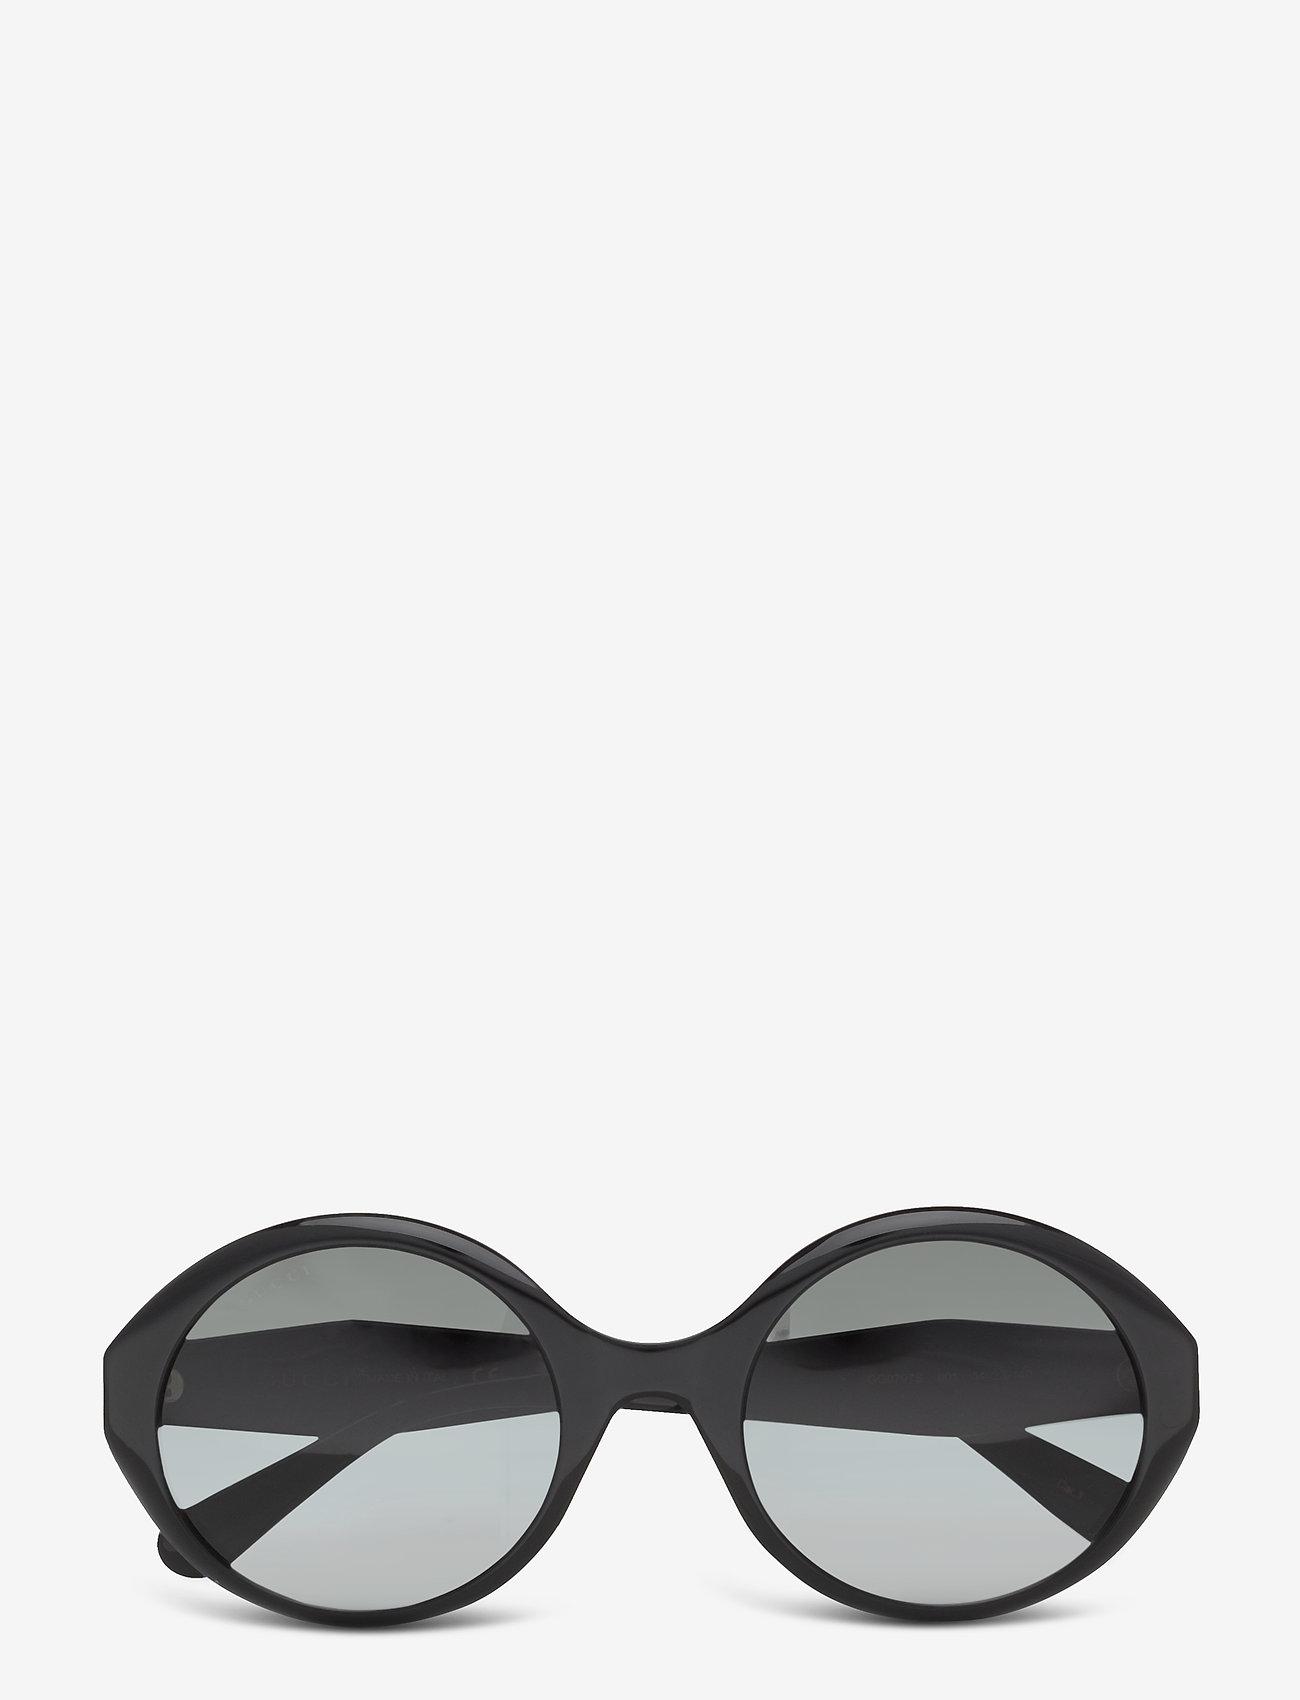 Gucci Sunglasses - GG0797S - rond model - black-black-grey - 0